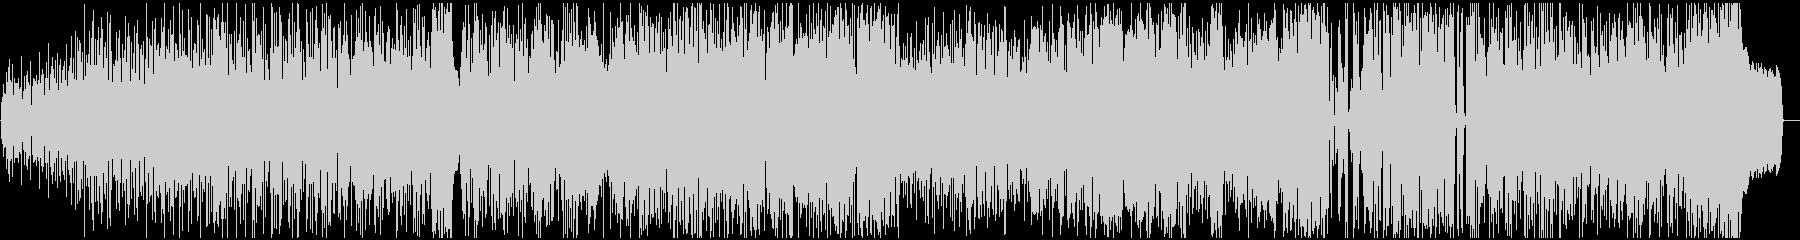 イントロドラムと1mnのオルガンと...の未再生の波形